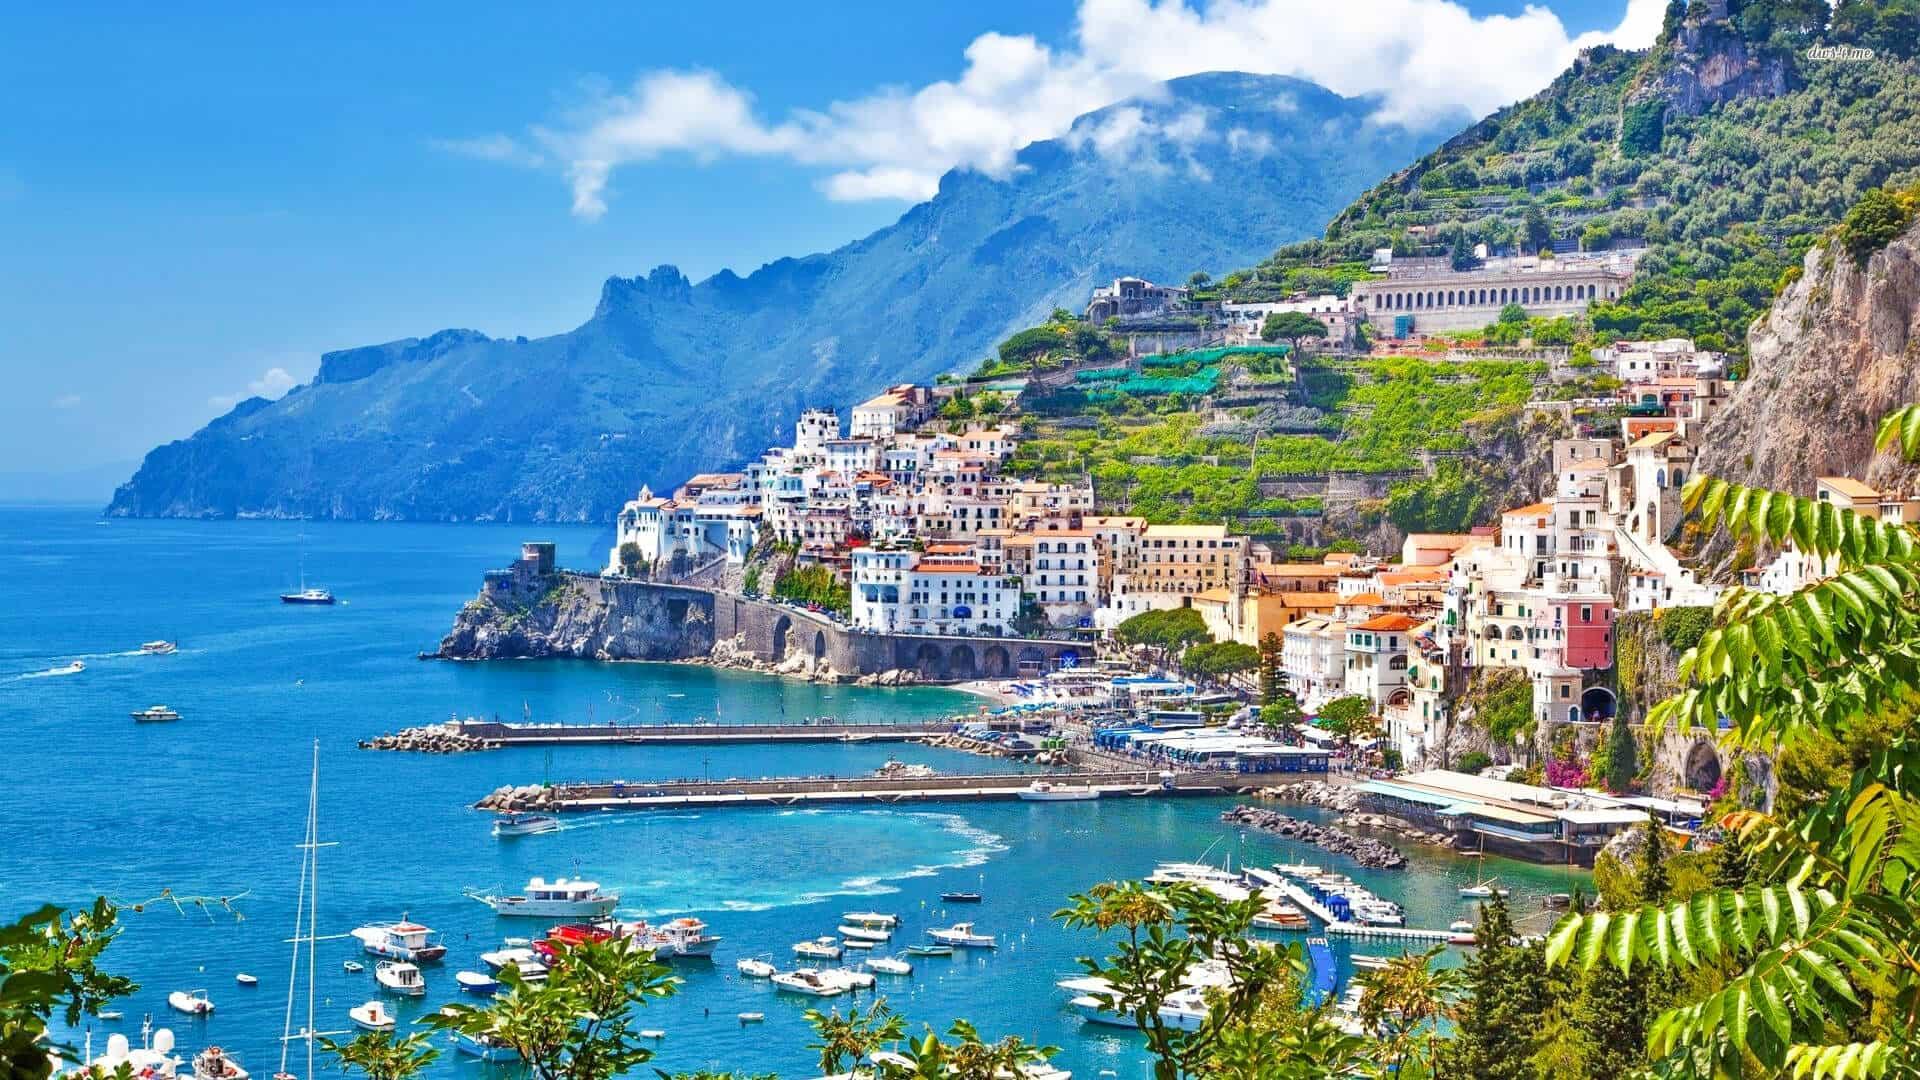 Amalfi Coast 6 - ساحل آمالفی ایتالیا ، از زیباترین سواحل مدیترانه   Italy